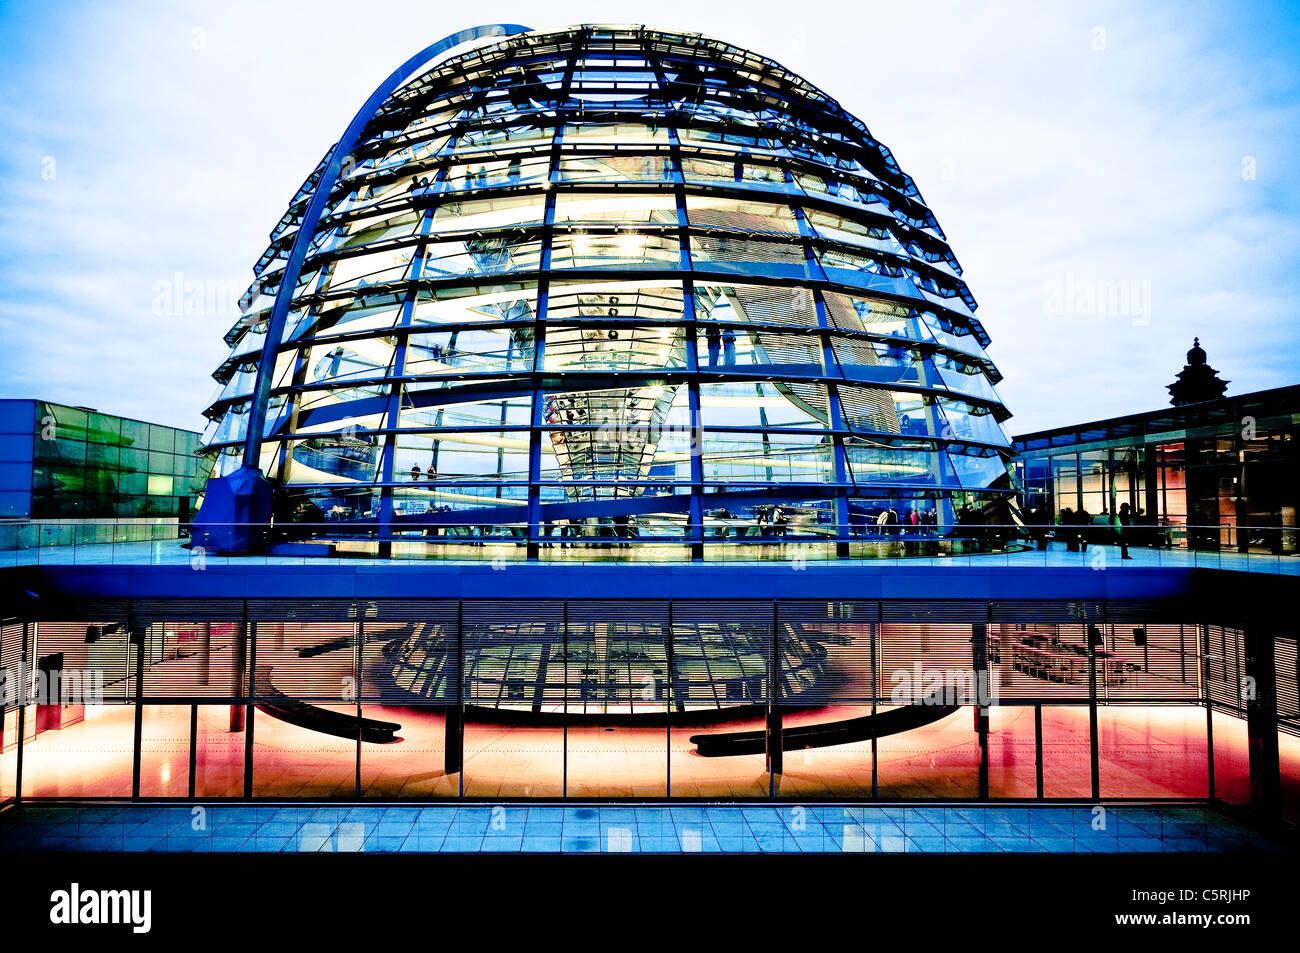 La cúpula del Reichstag en la noche, barrio gubernamental, Berlín, Alemania, Europa Imagen De Stock